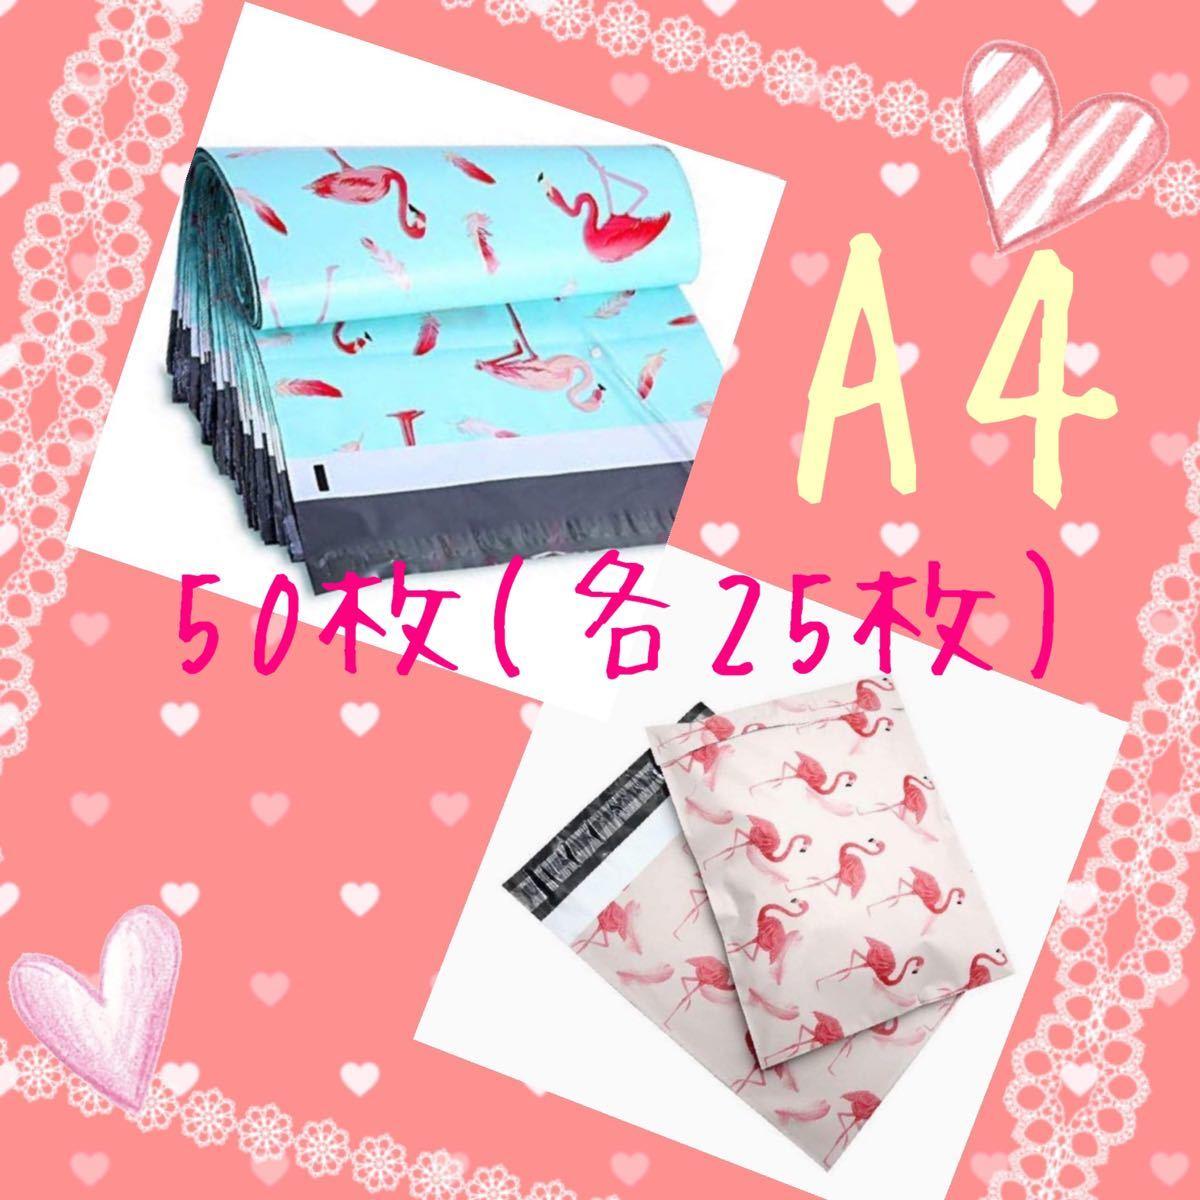 梱包用フラミンゴ柄宅配ビニール袋 ラッピング袋